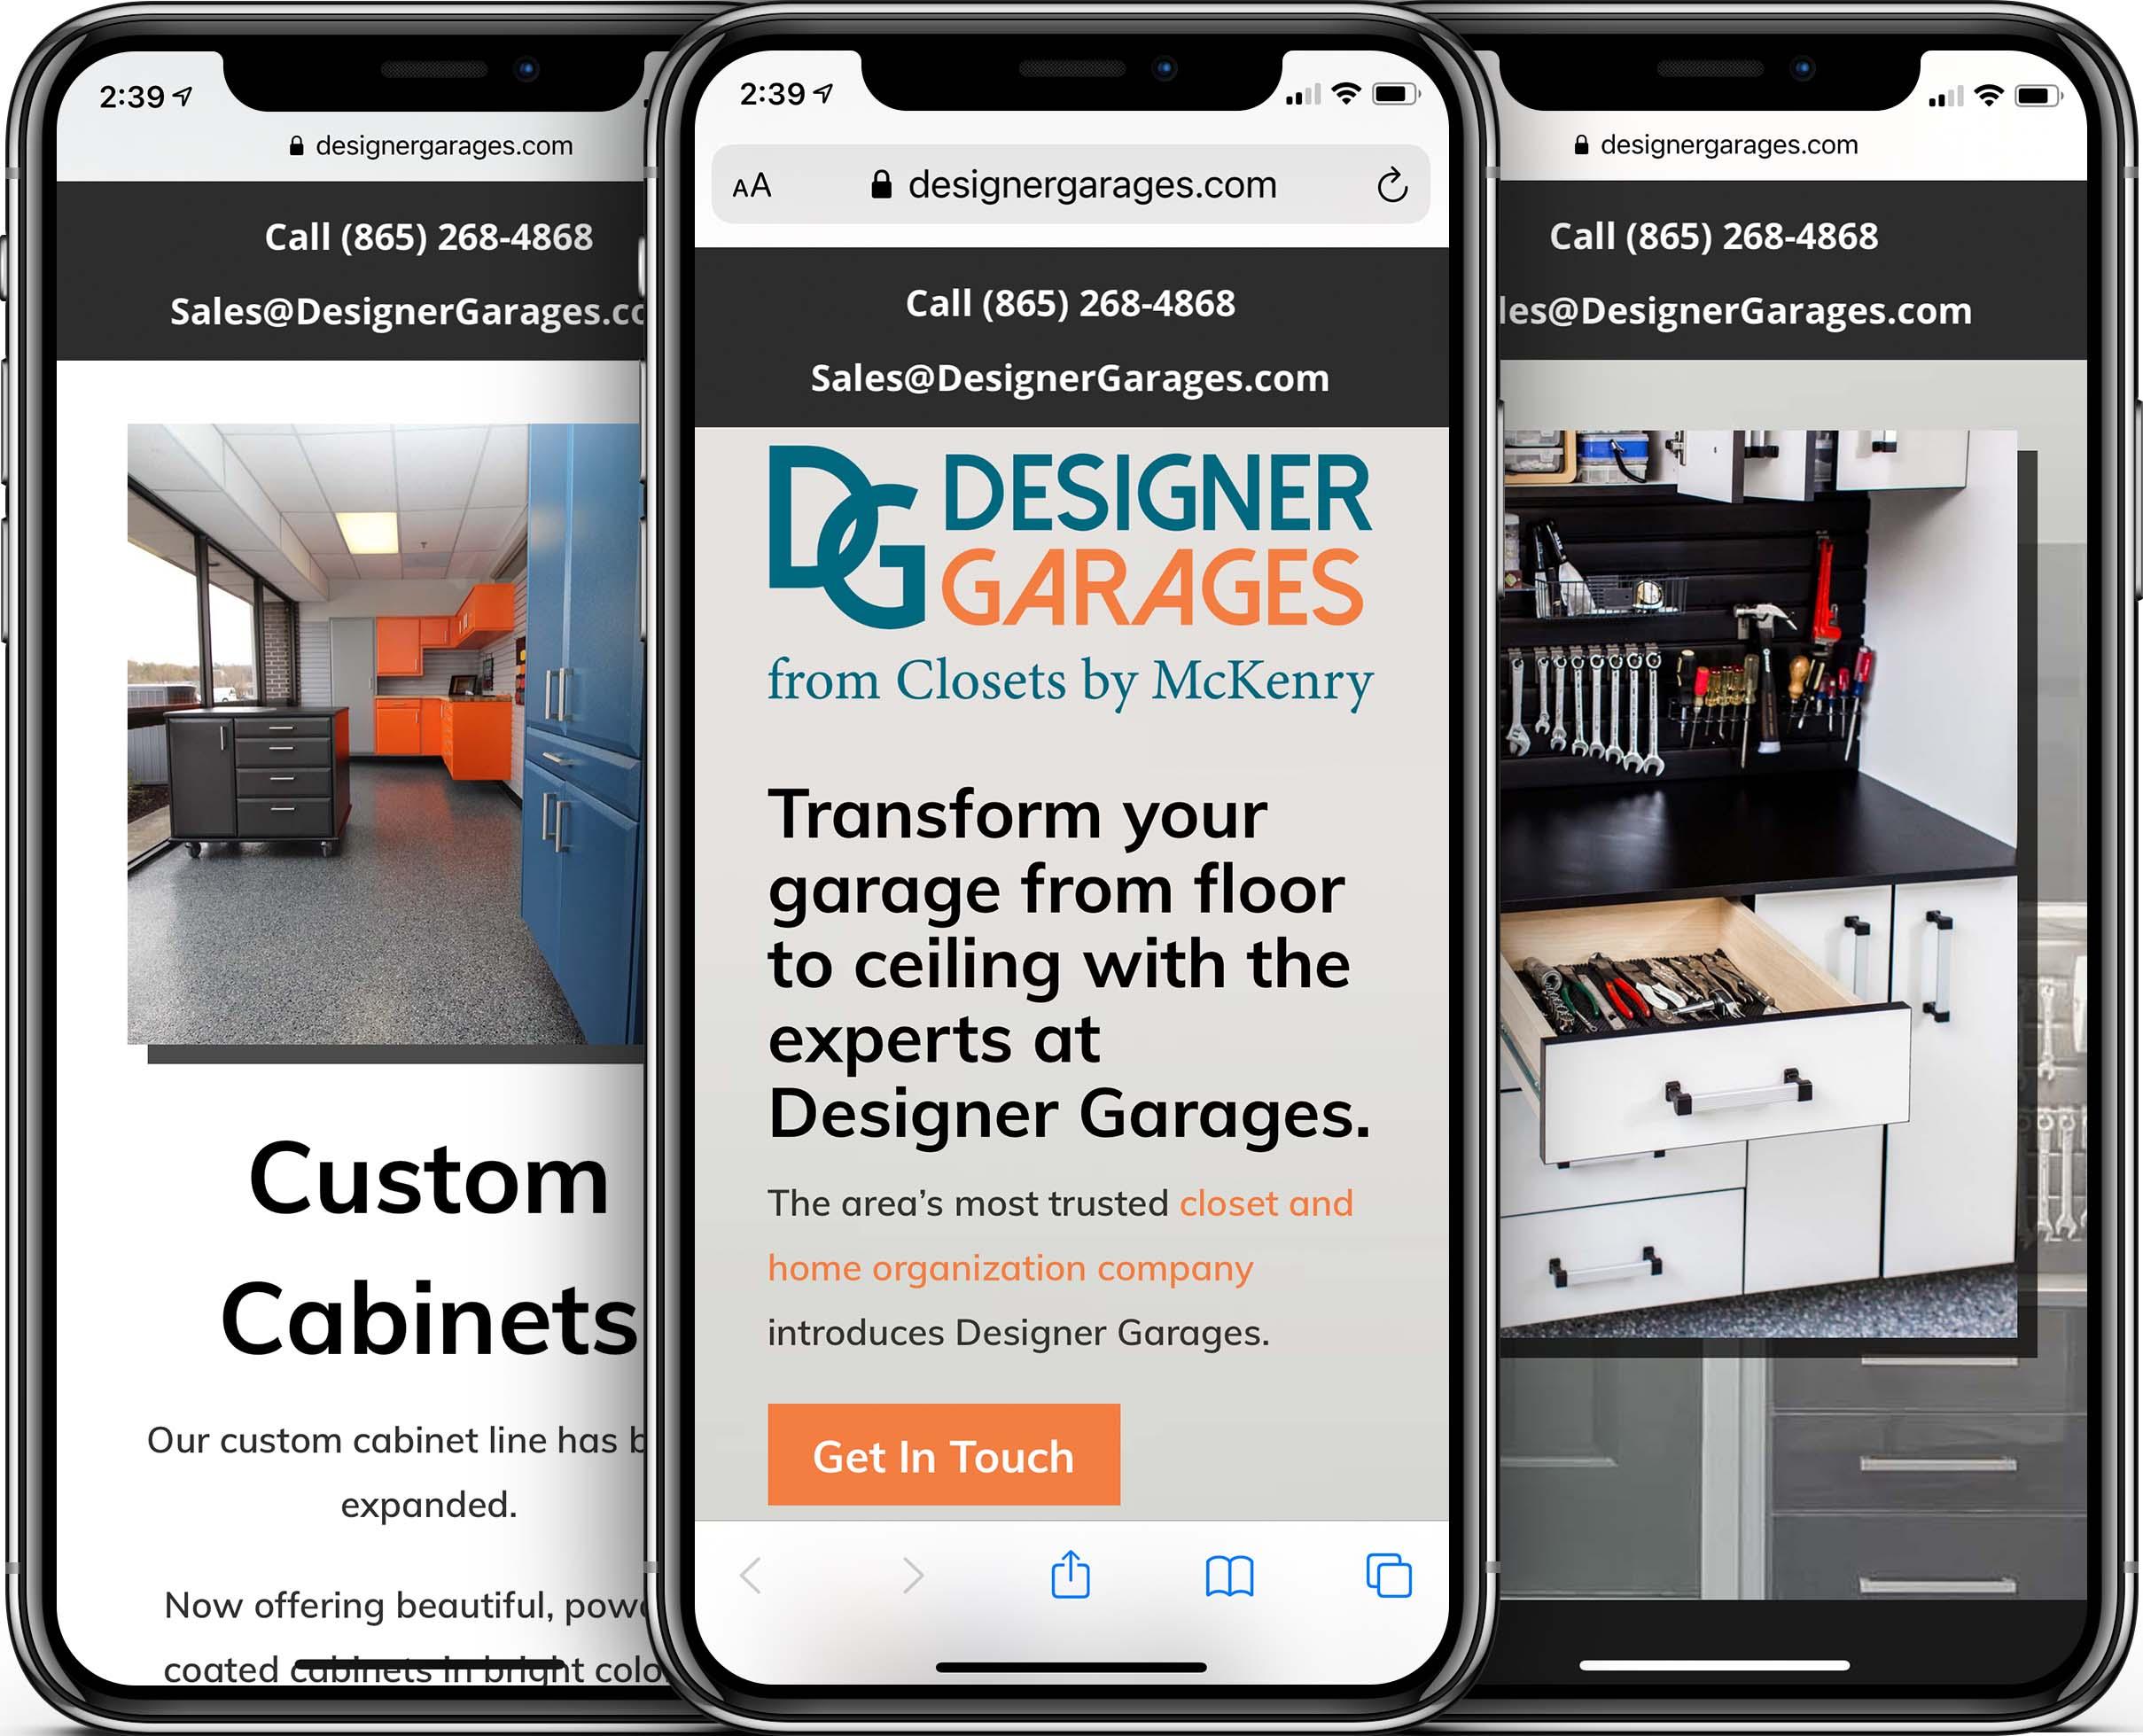 Designer Garages Mobile-Friendly Web Design